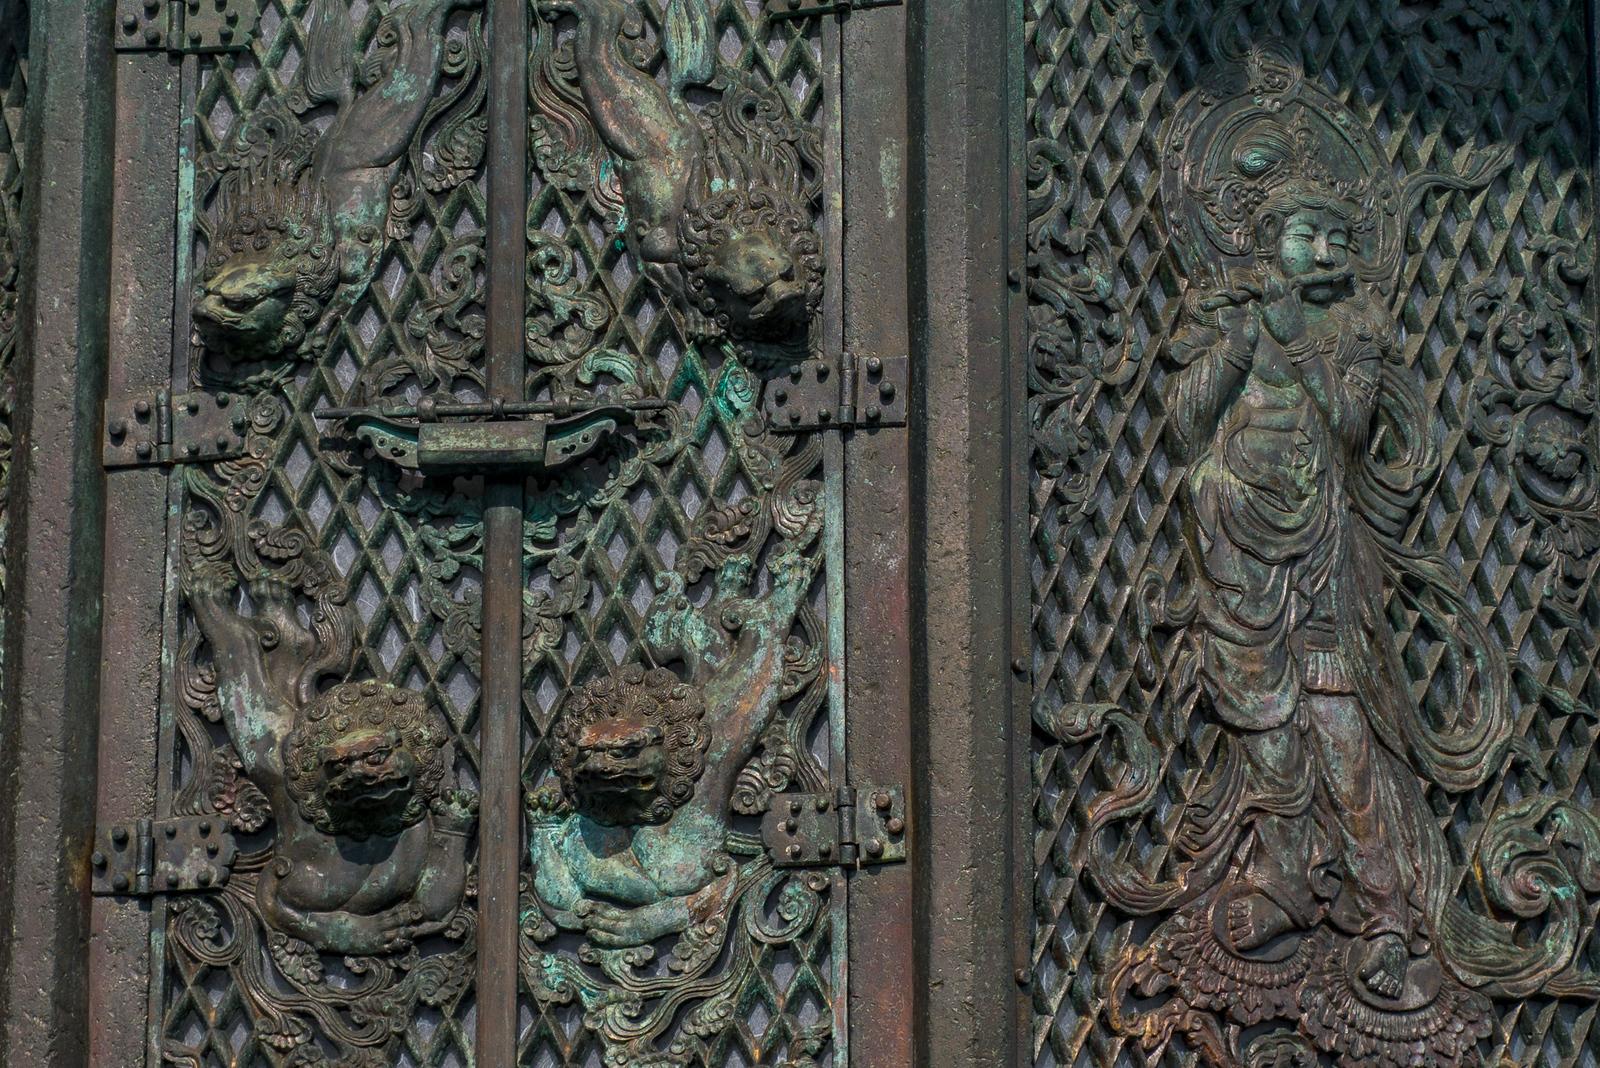 Aging copper at Todai-ji temple in Nara, Japan.